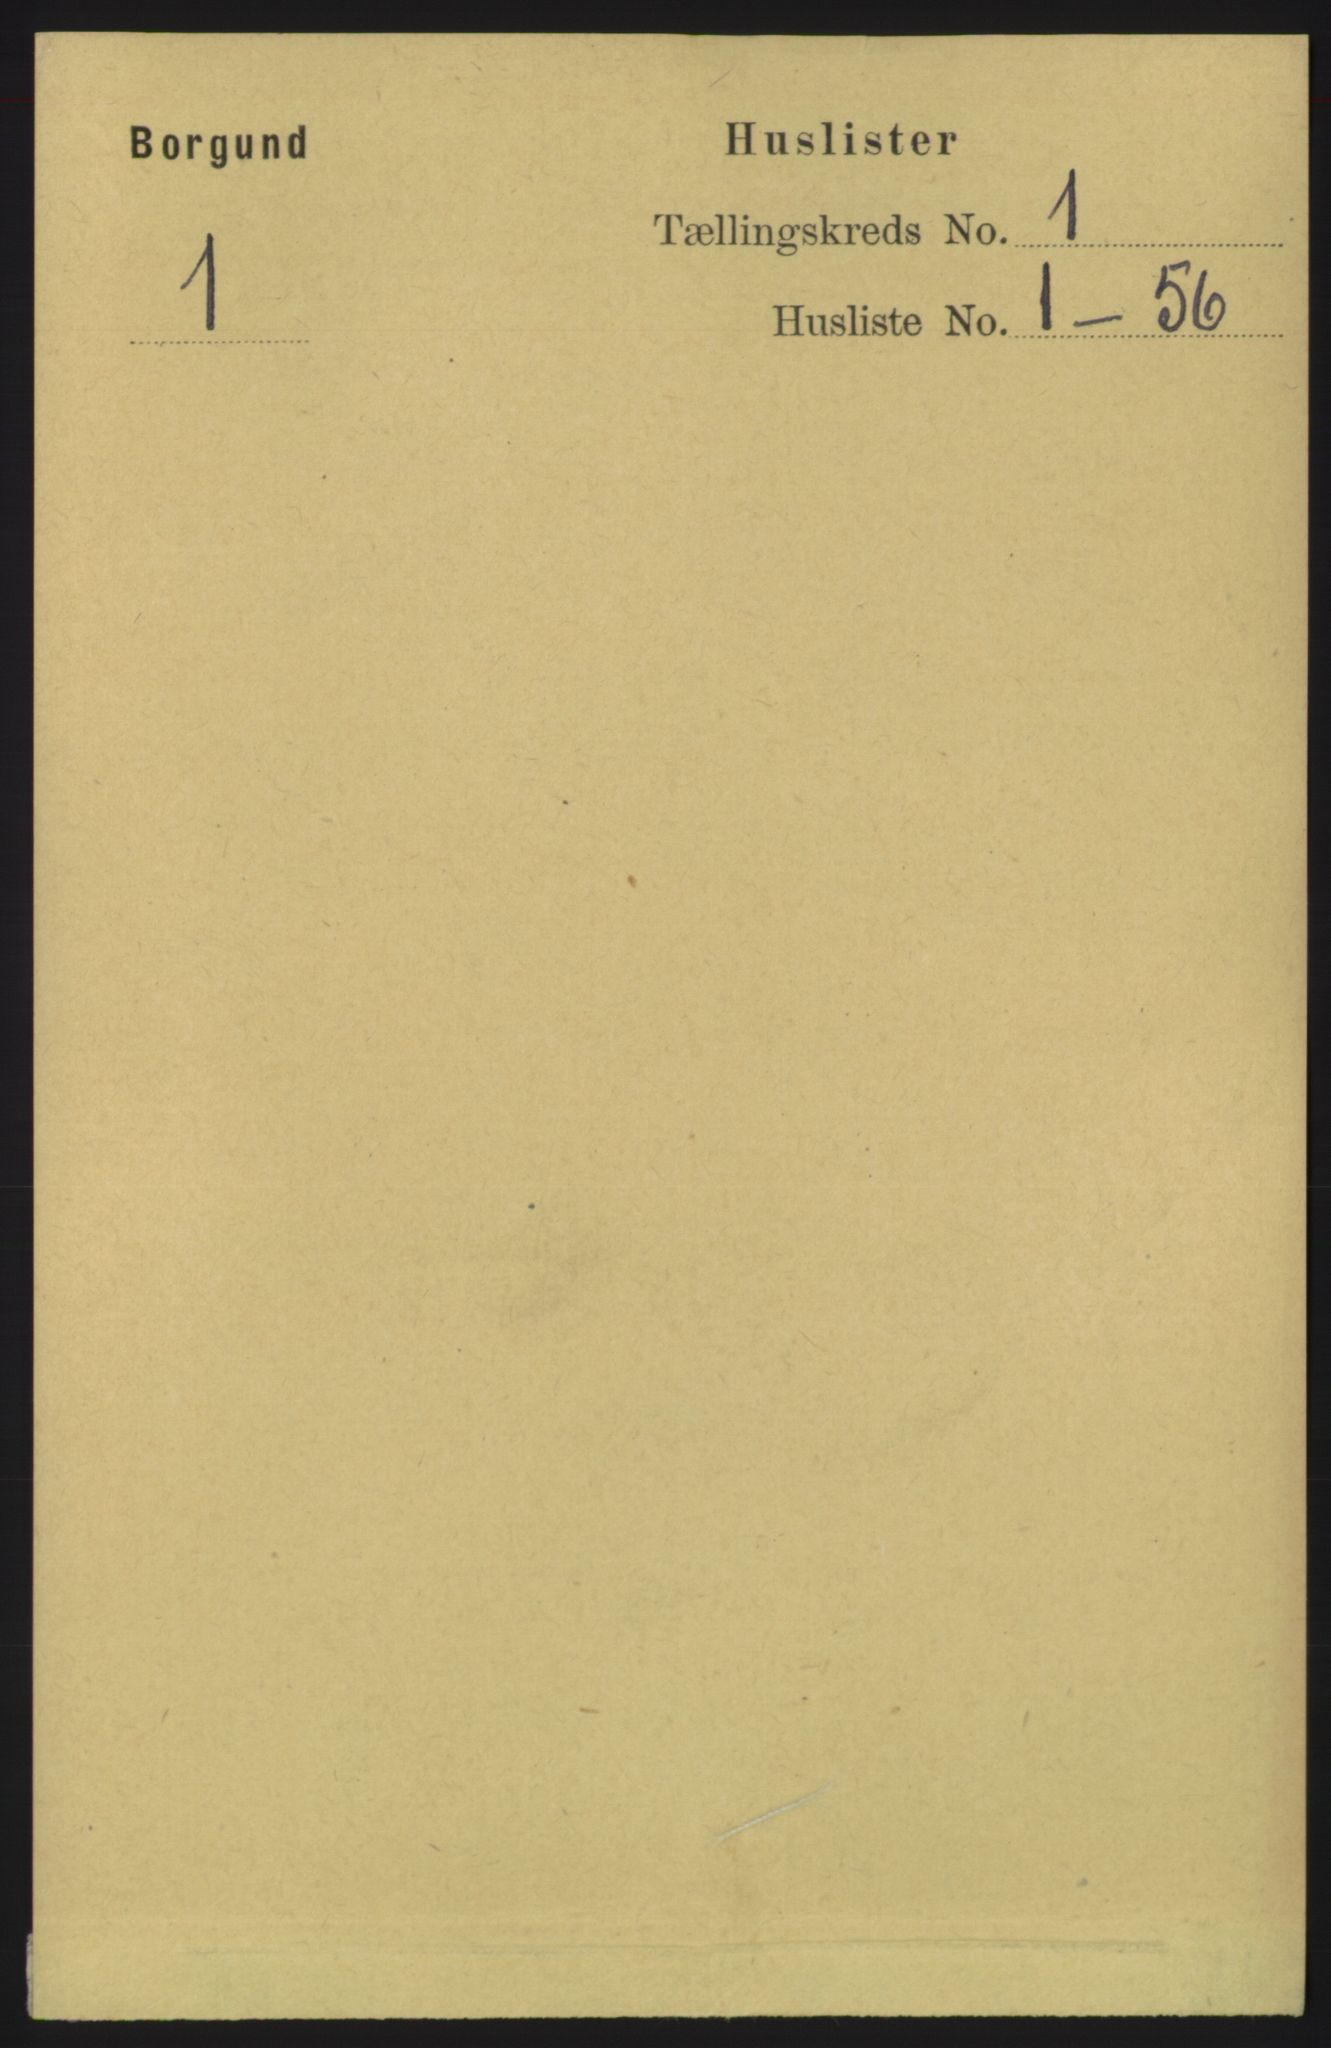 RA, Folketelling 1891 for 1531 Borgund herred, 1891, s. 60